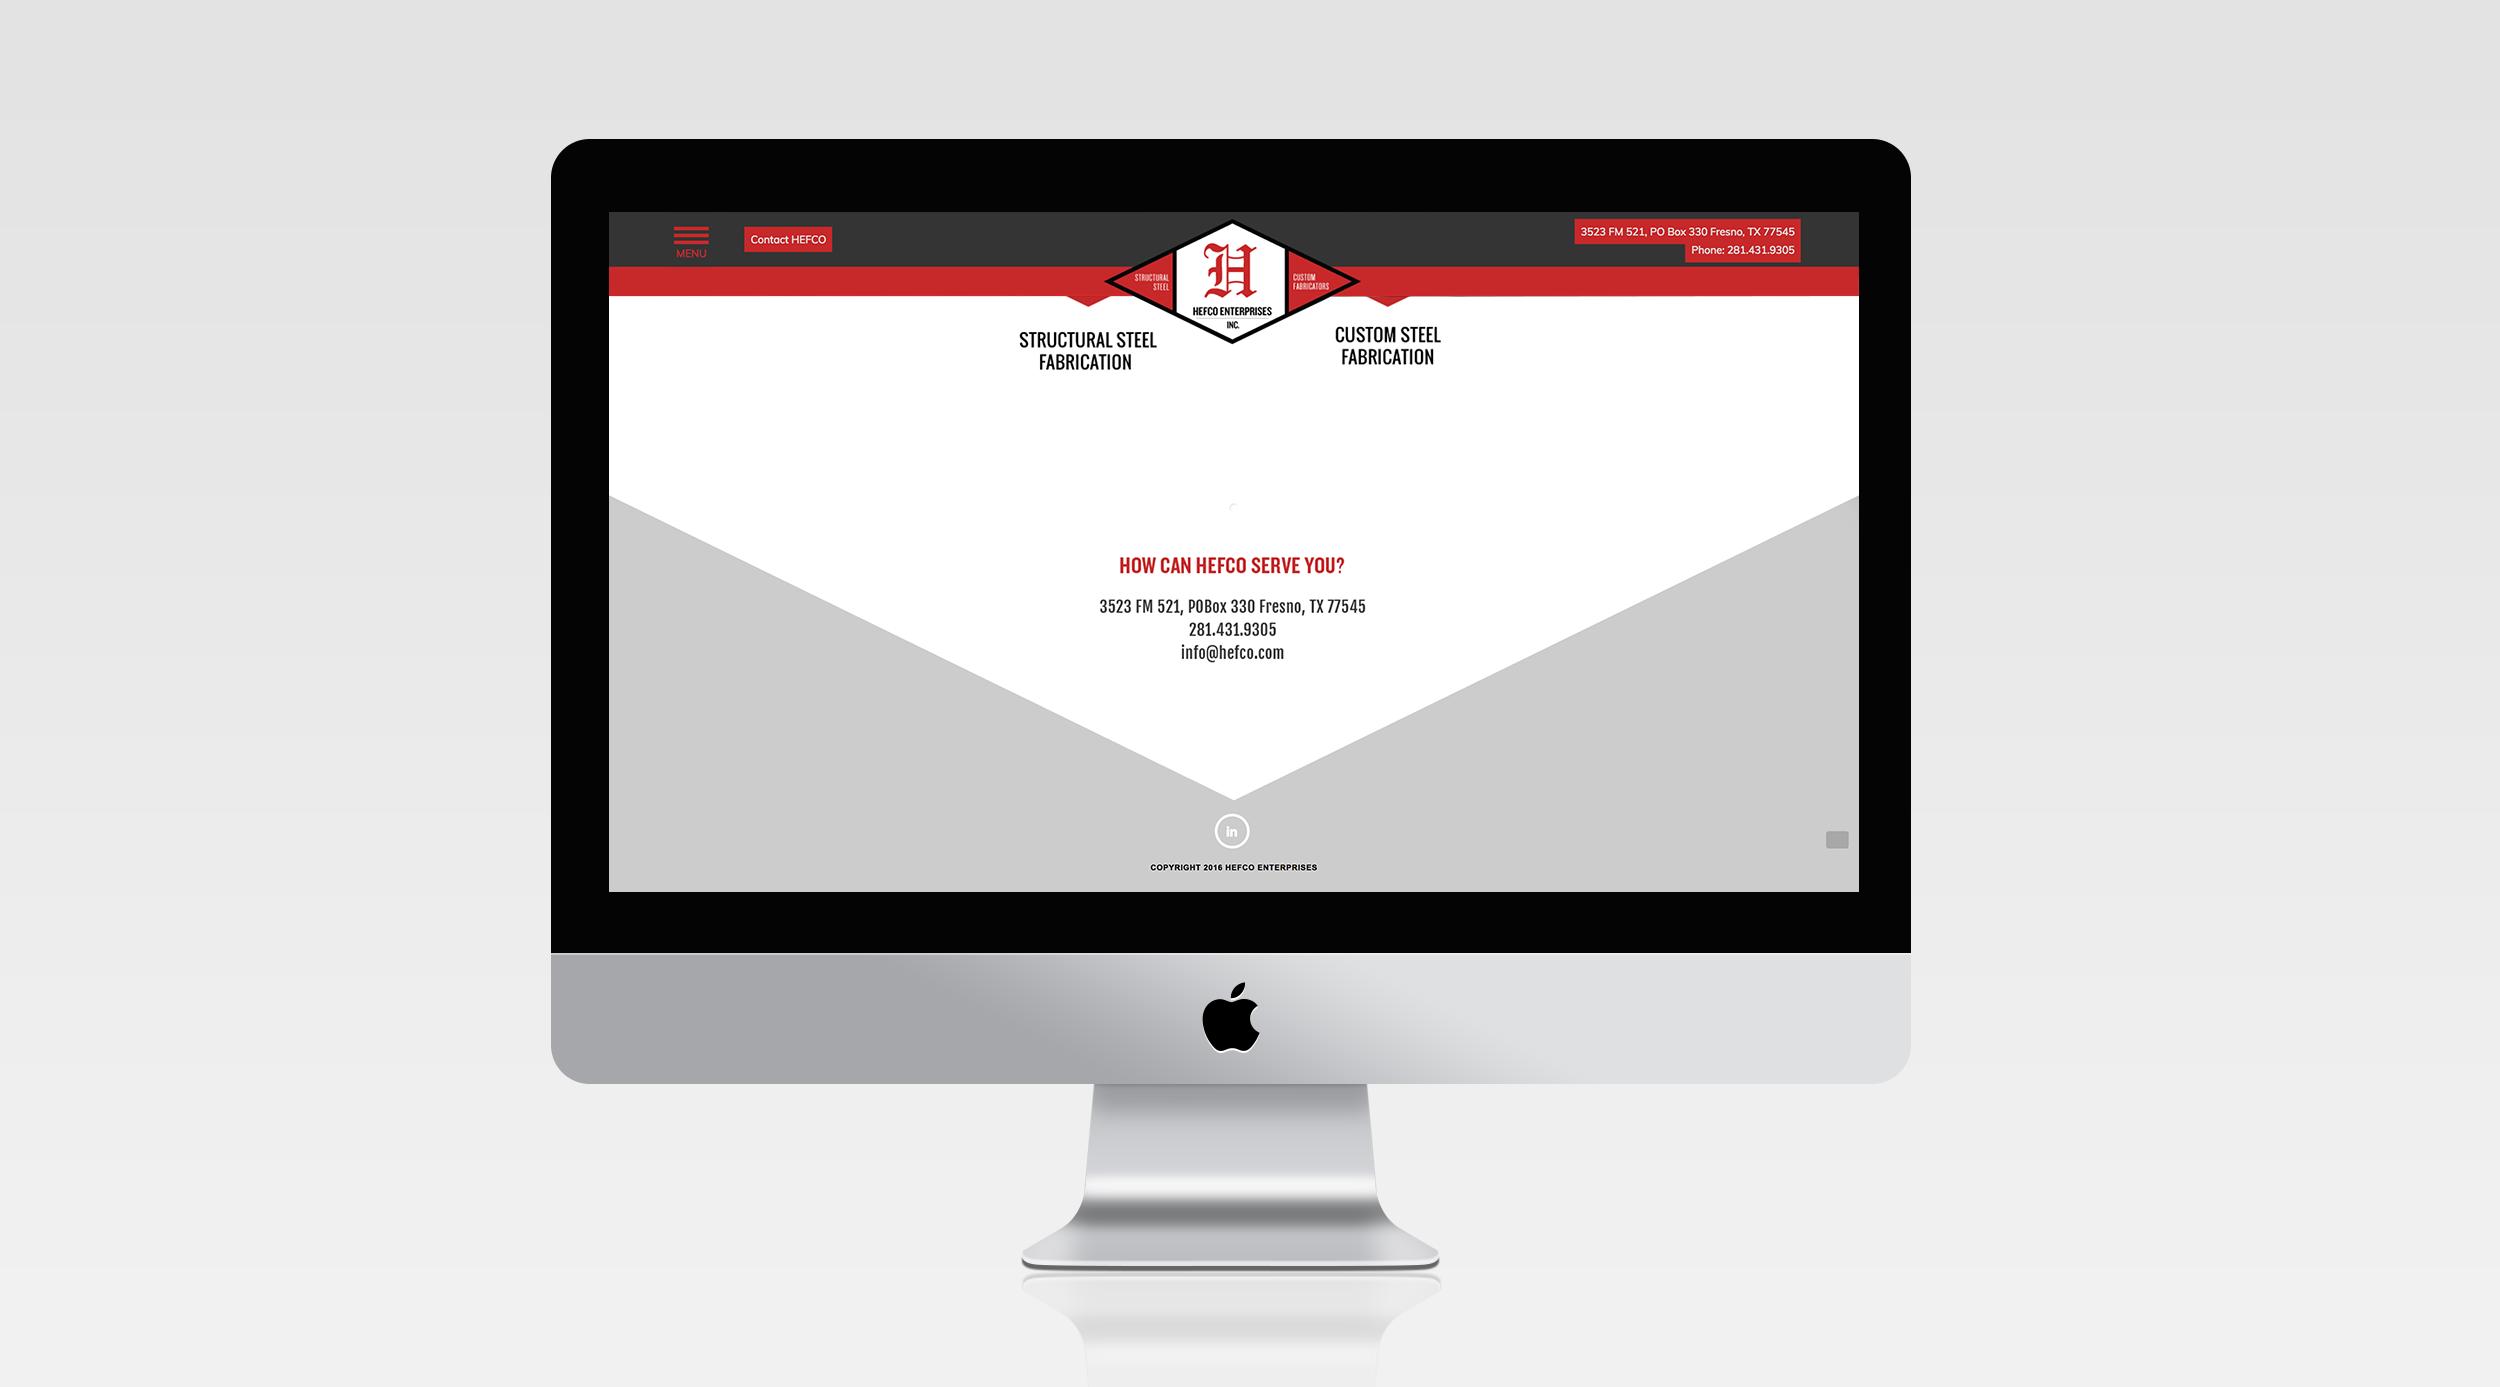 Hefc_Website-3.png